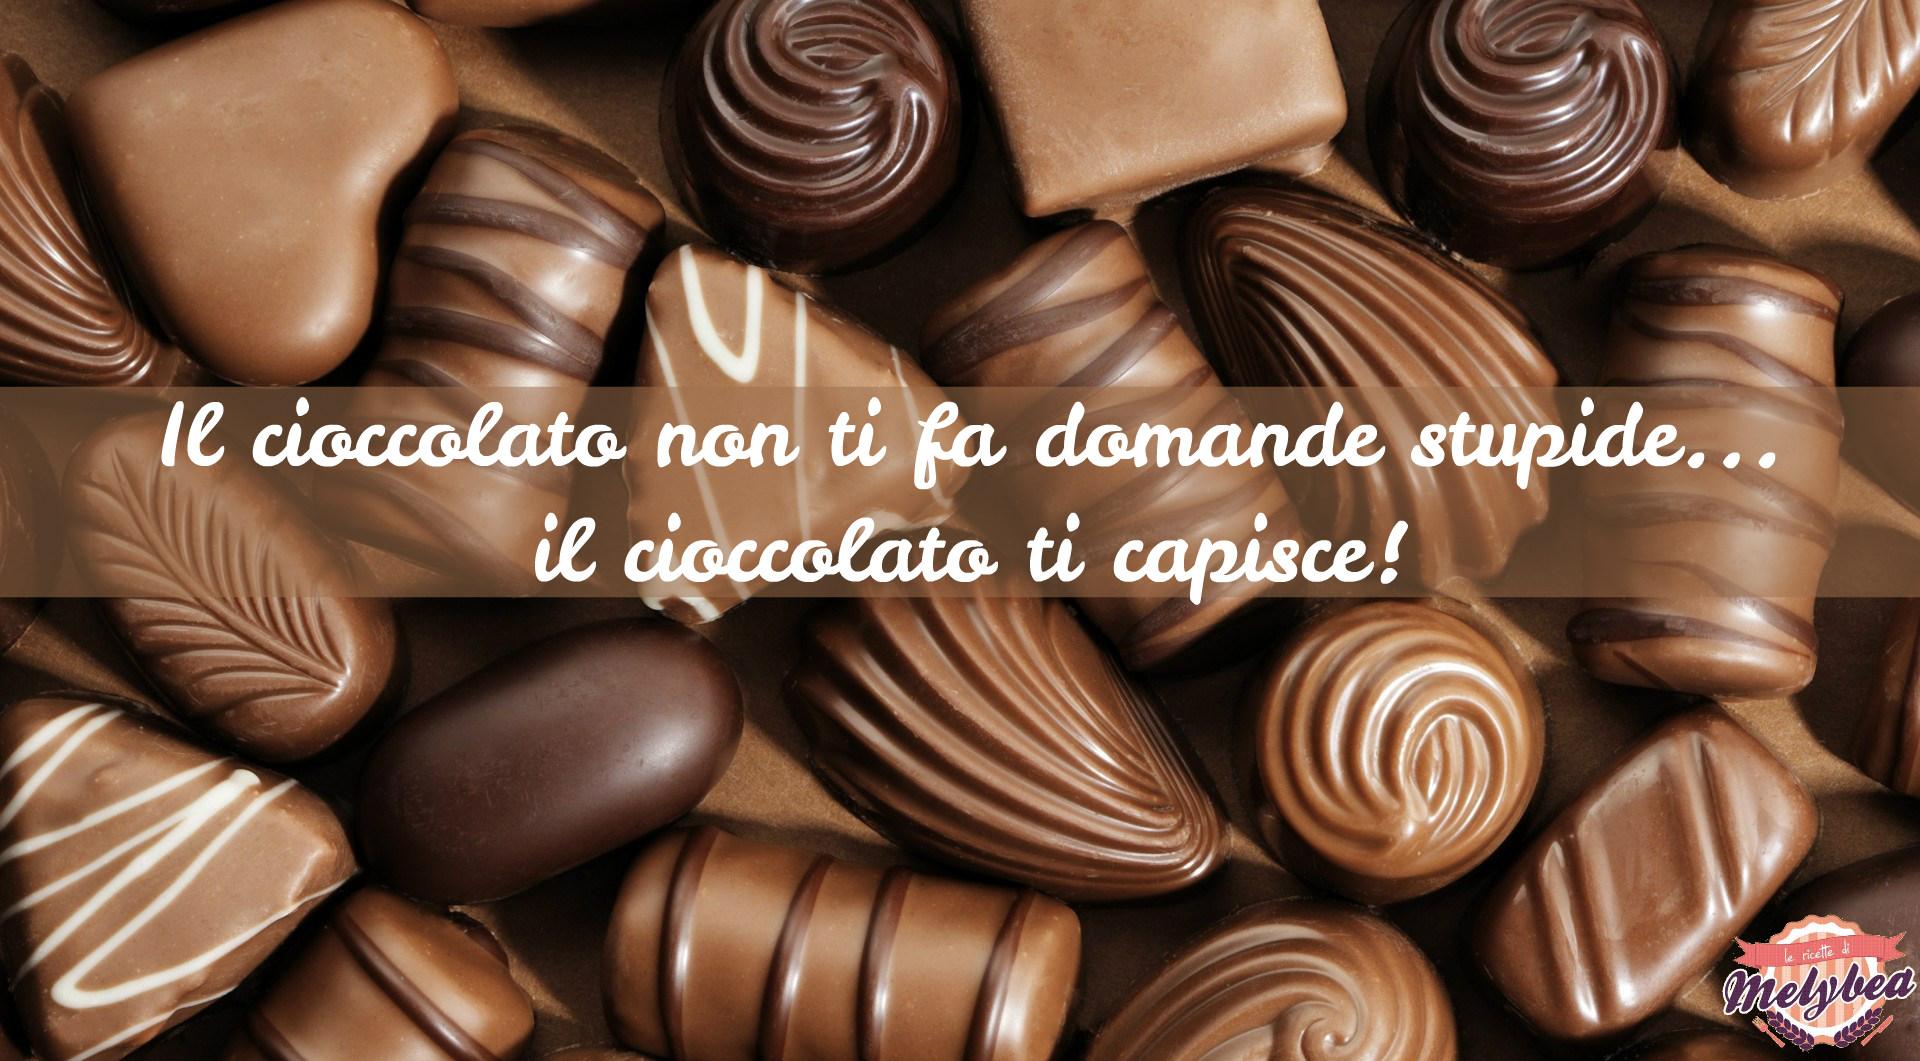 Il cioccolato non ti fa domande stupide, il cioccolato ti capisce!